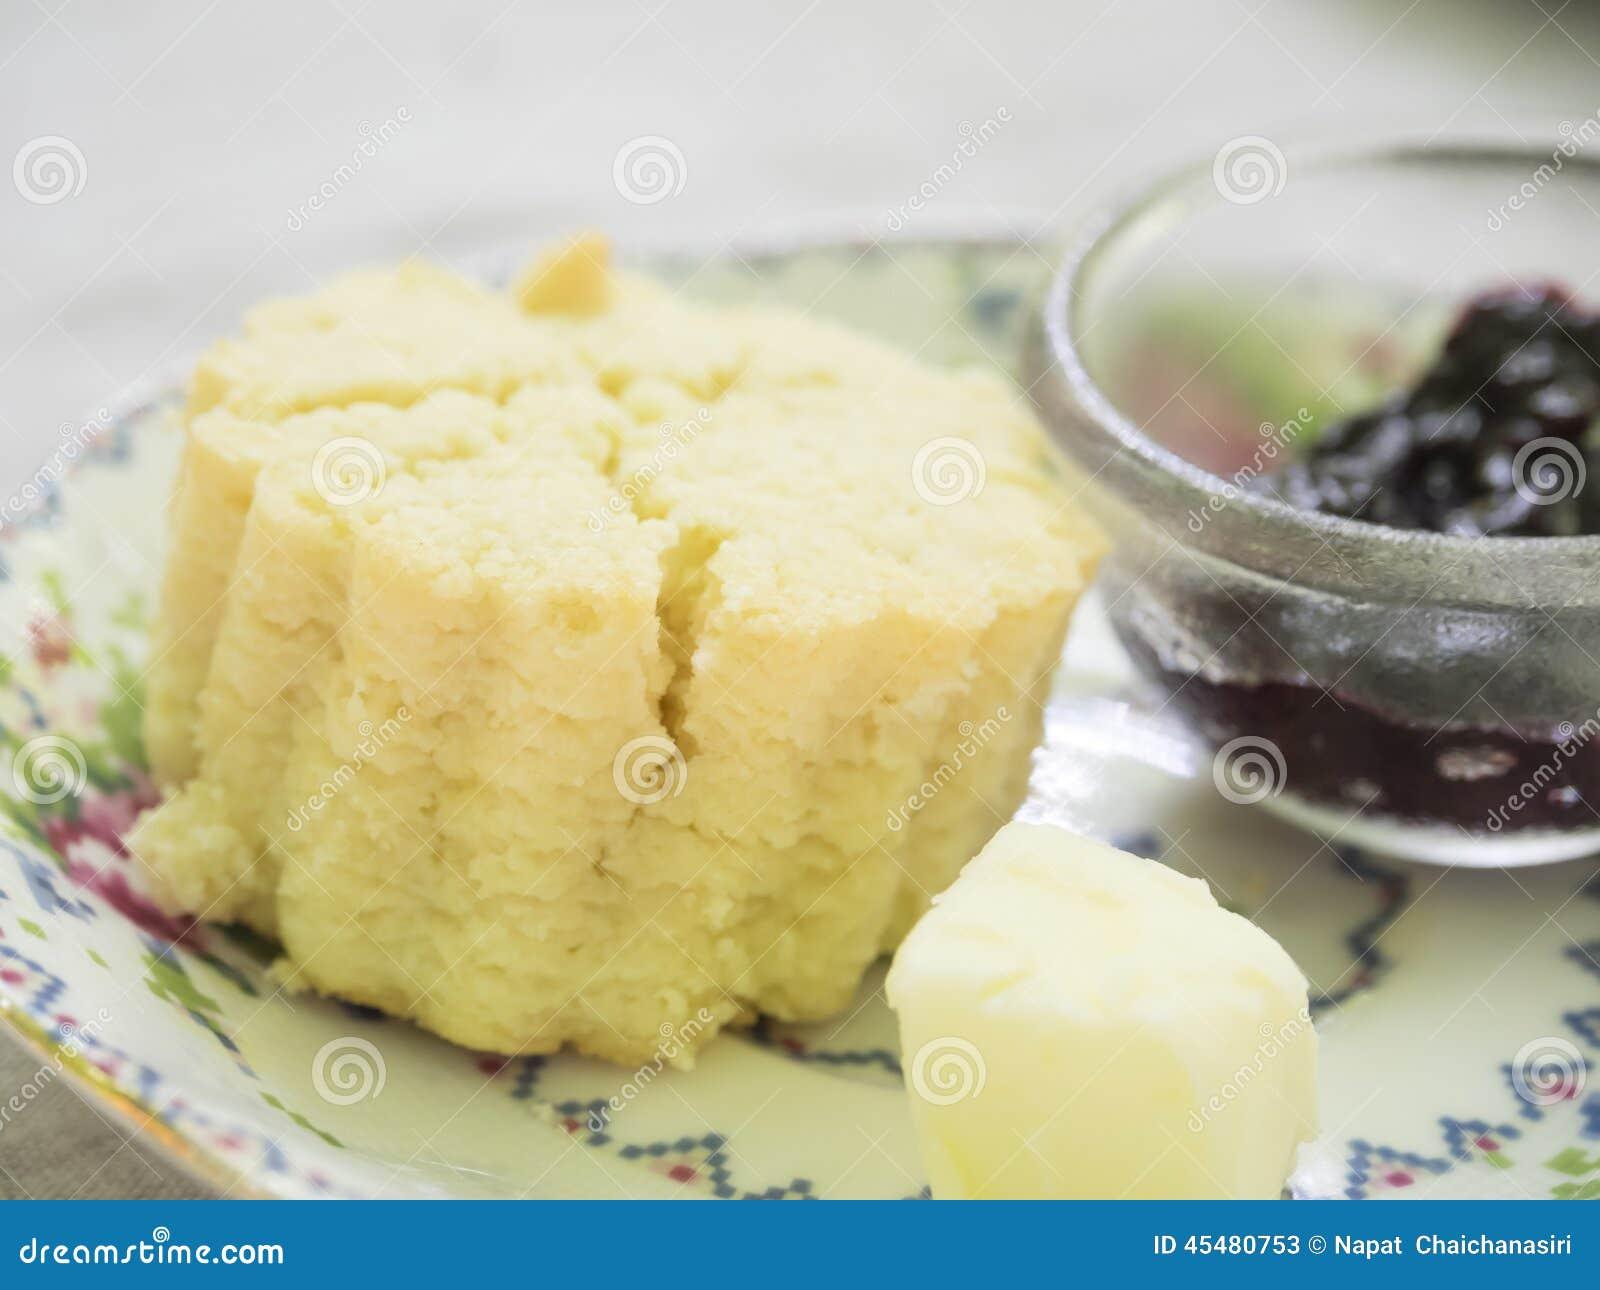 负担形状烤饼用黄油和山莓果酱